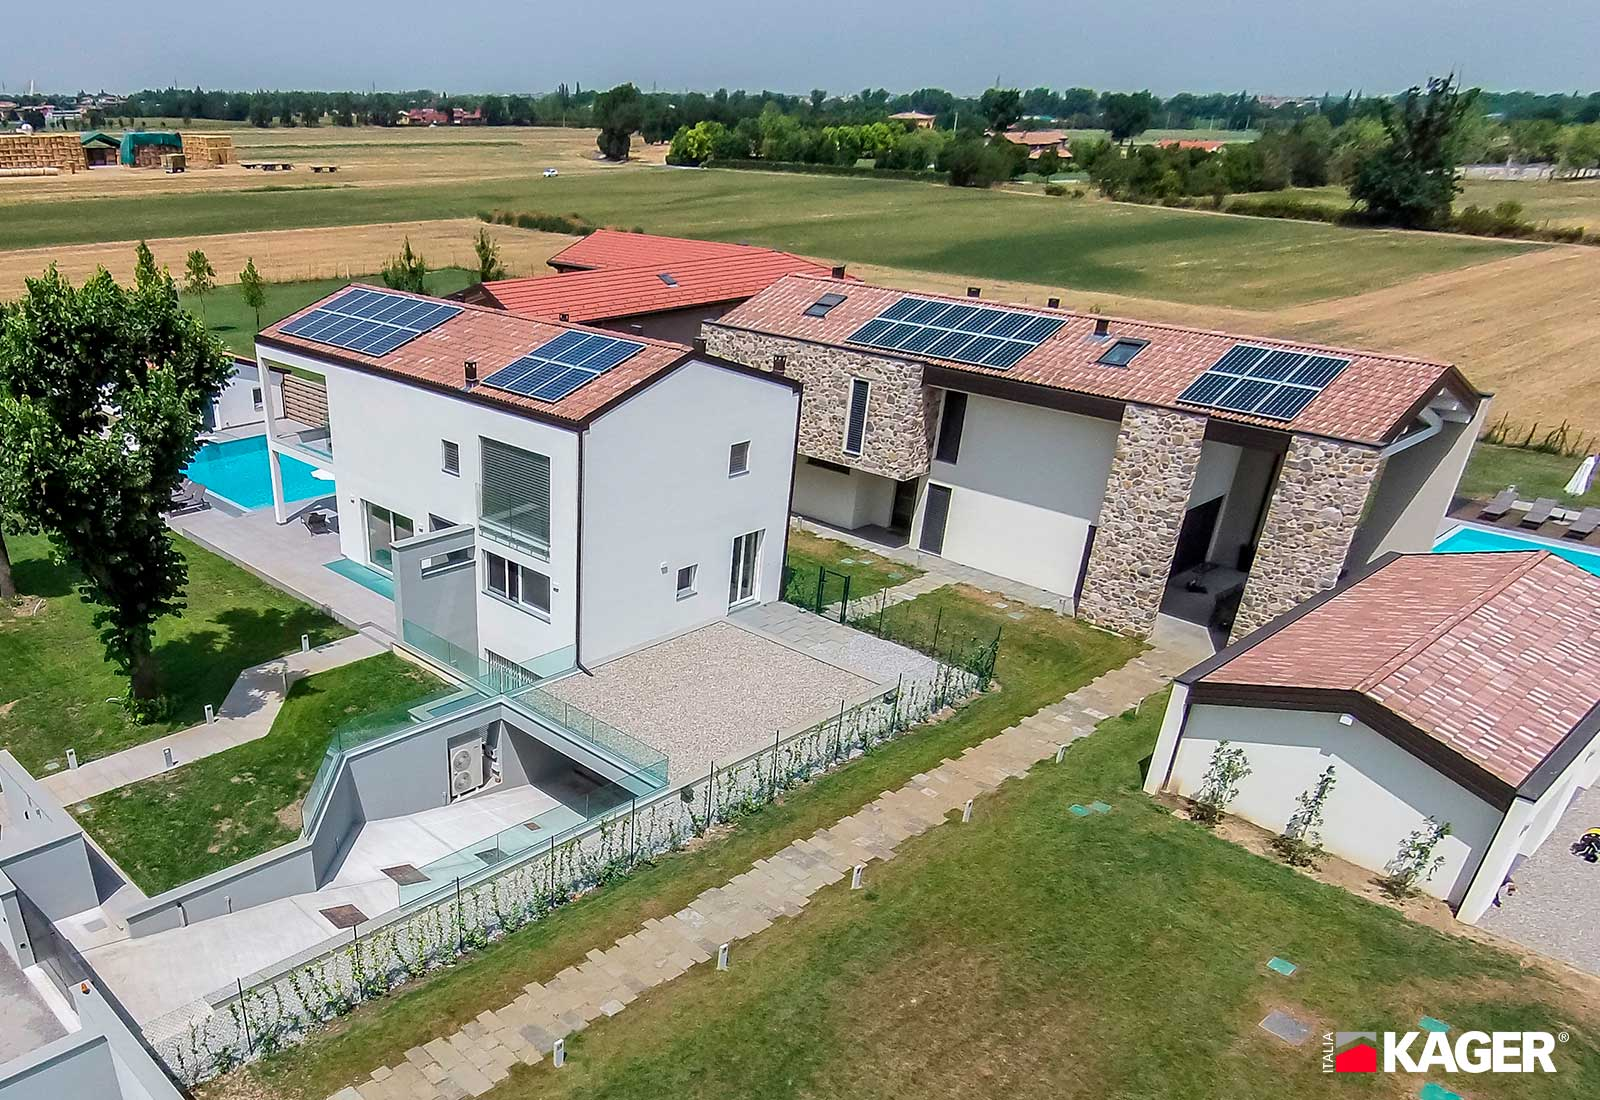 Casa-in-legno-Parma-Kager-Italia-03